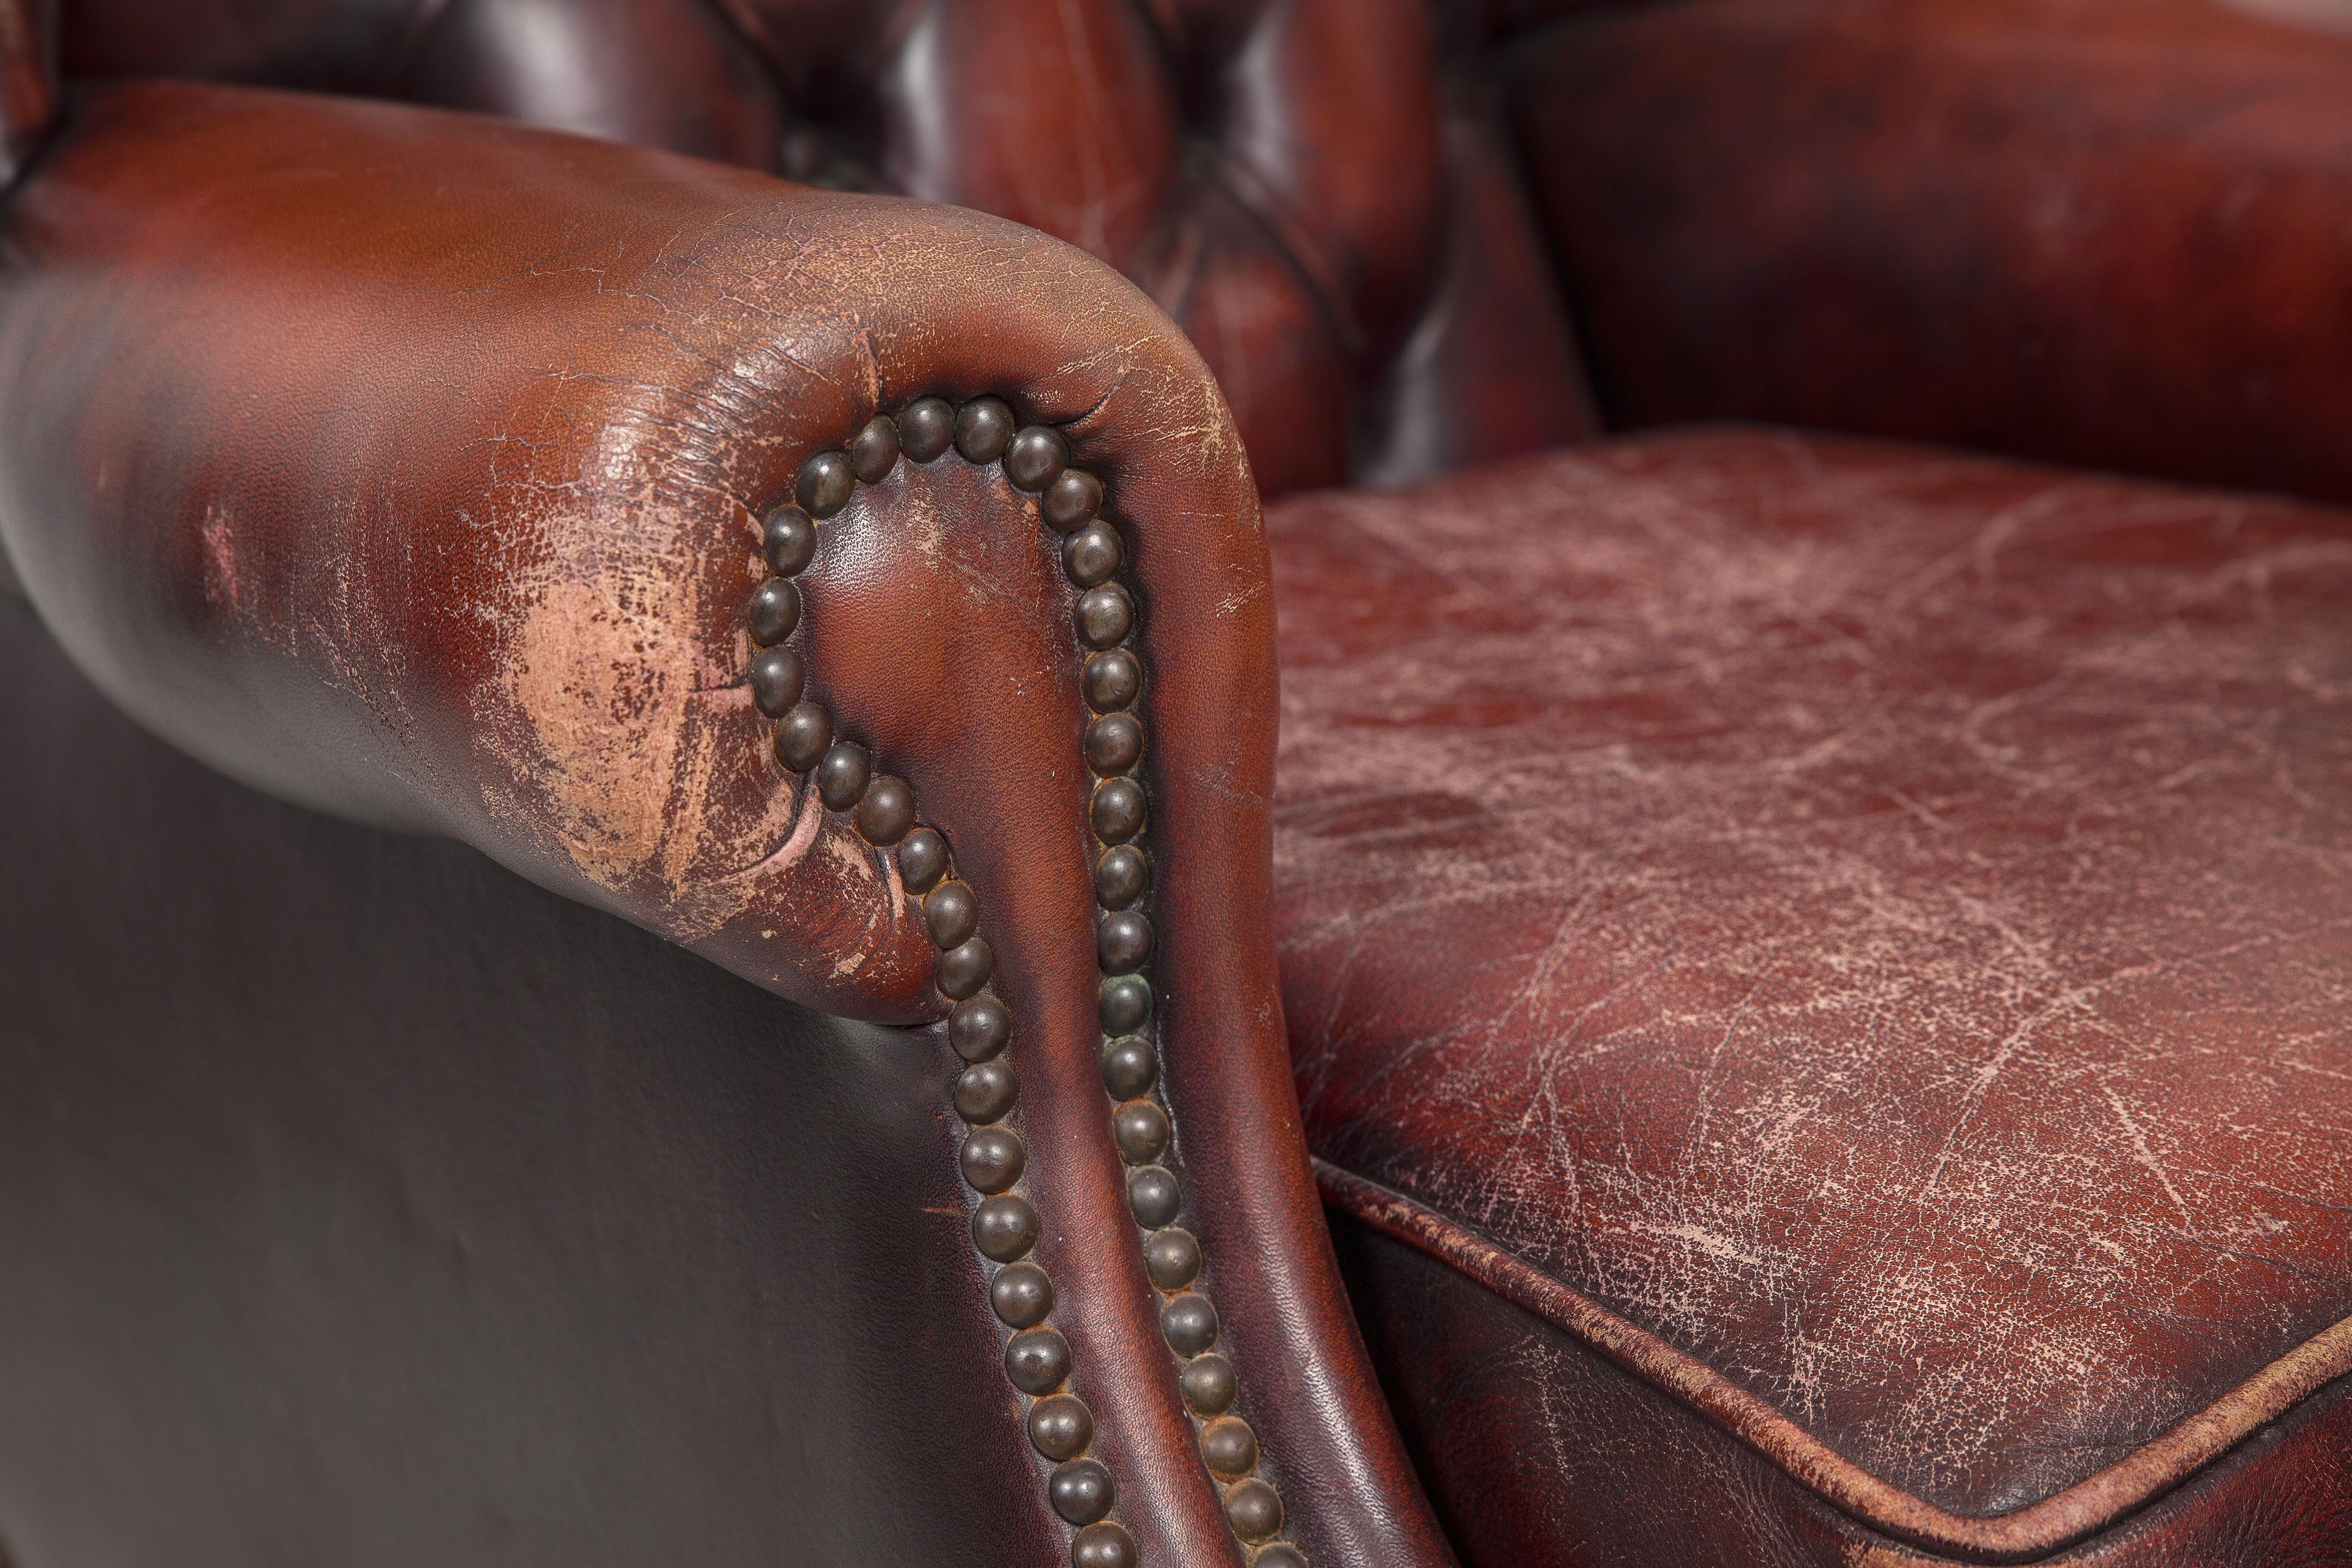 Entretien Canapé Cuir Naturel attention de ne pas confondre nettoyage du cuir et entretien